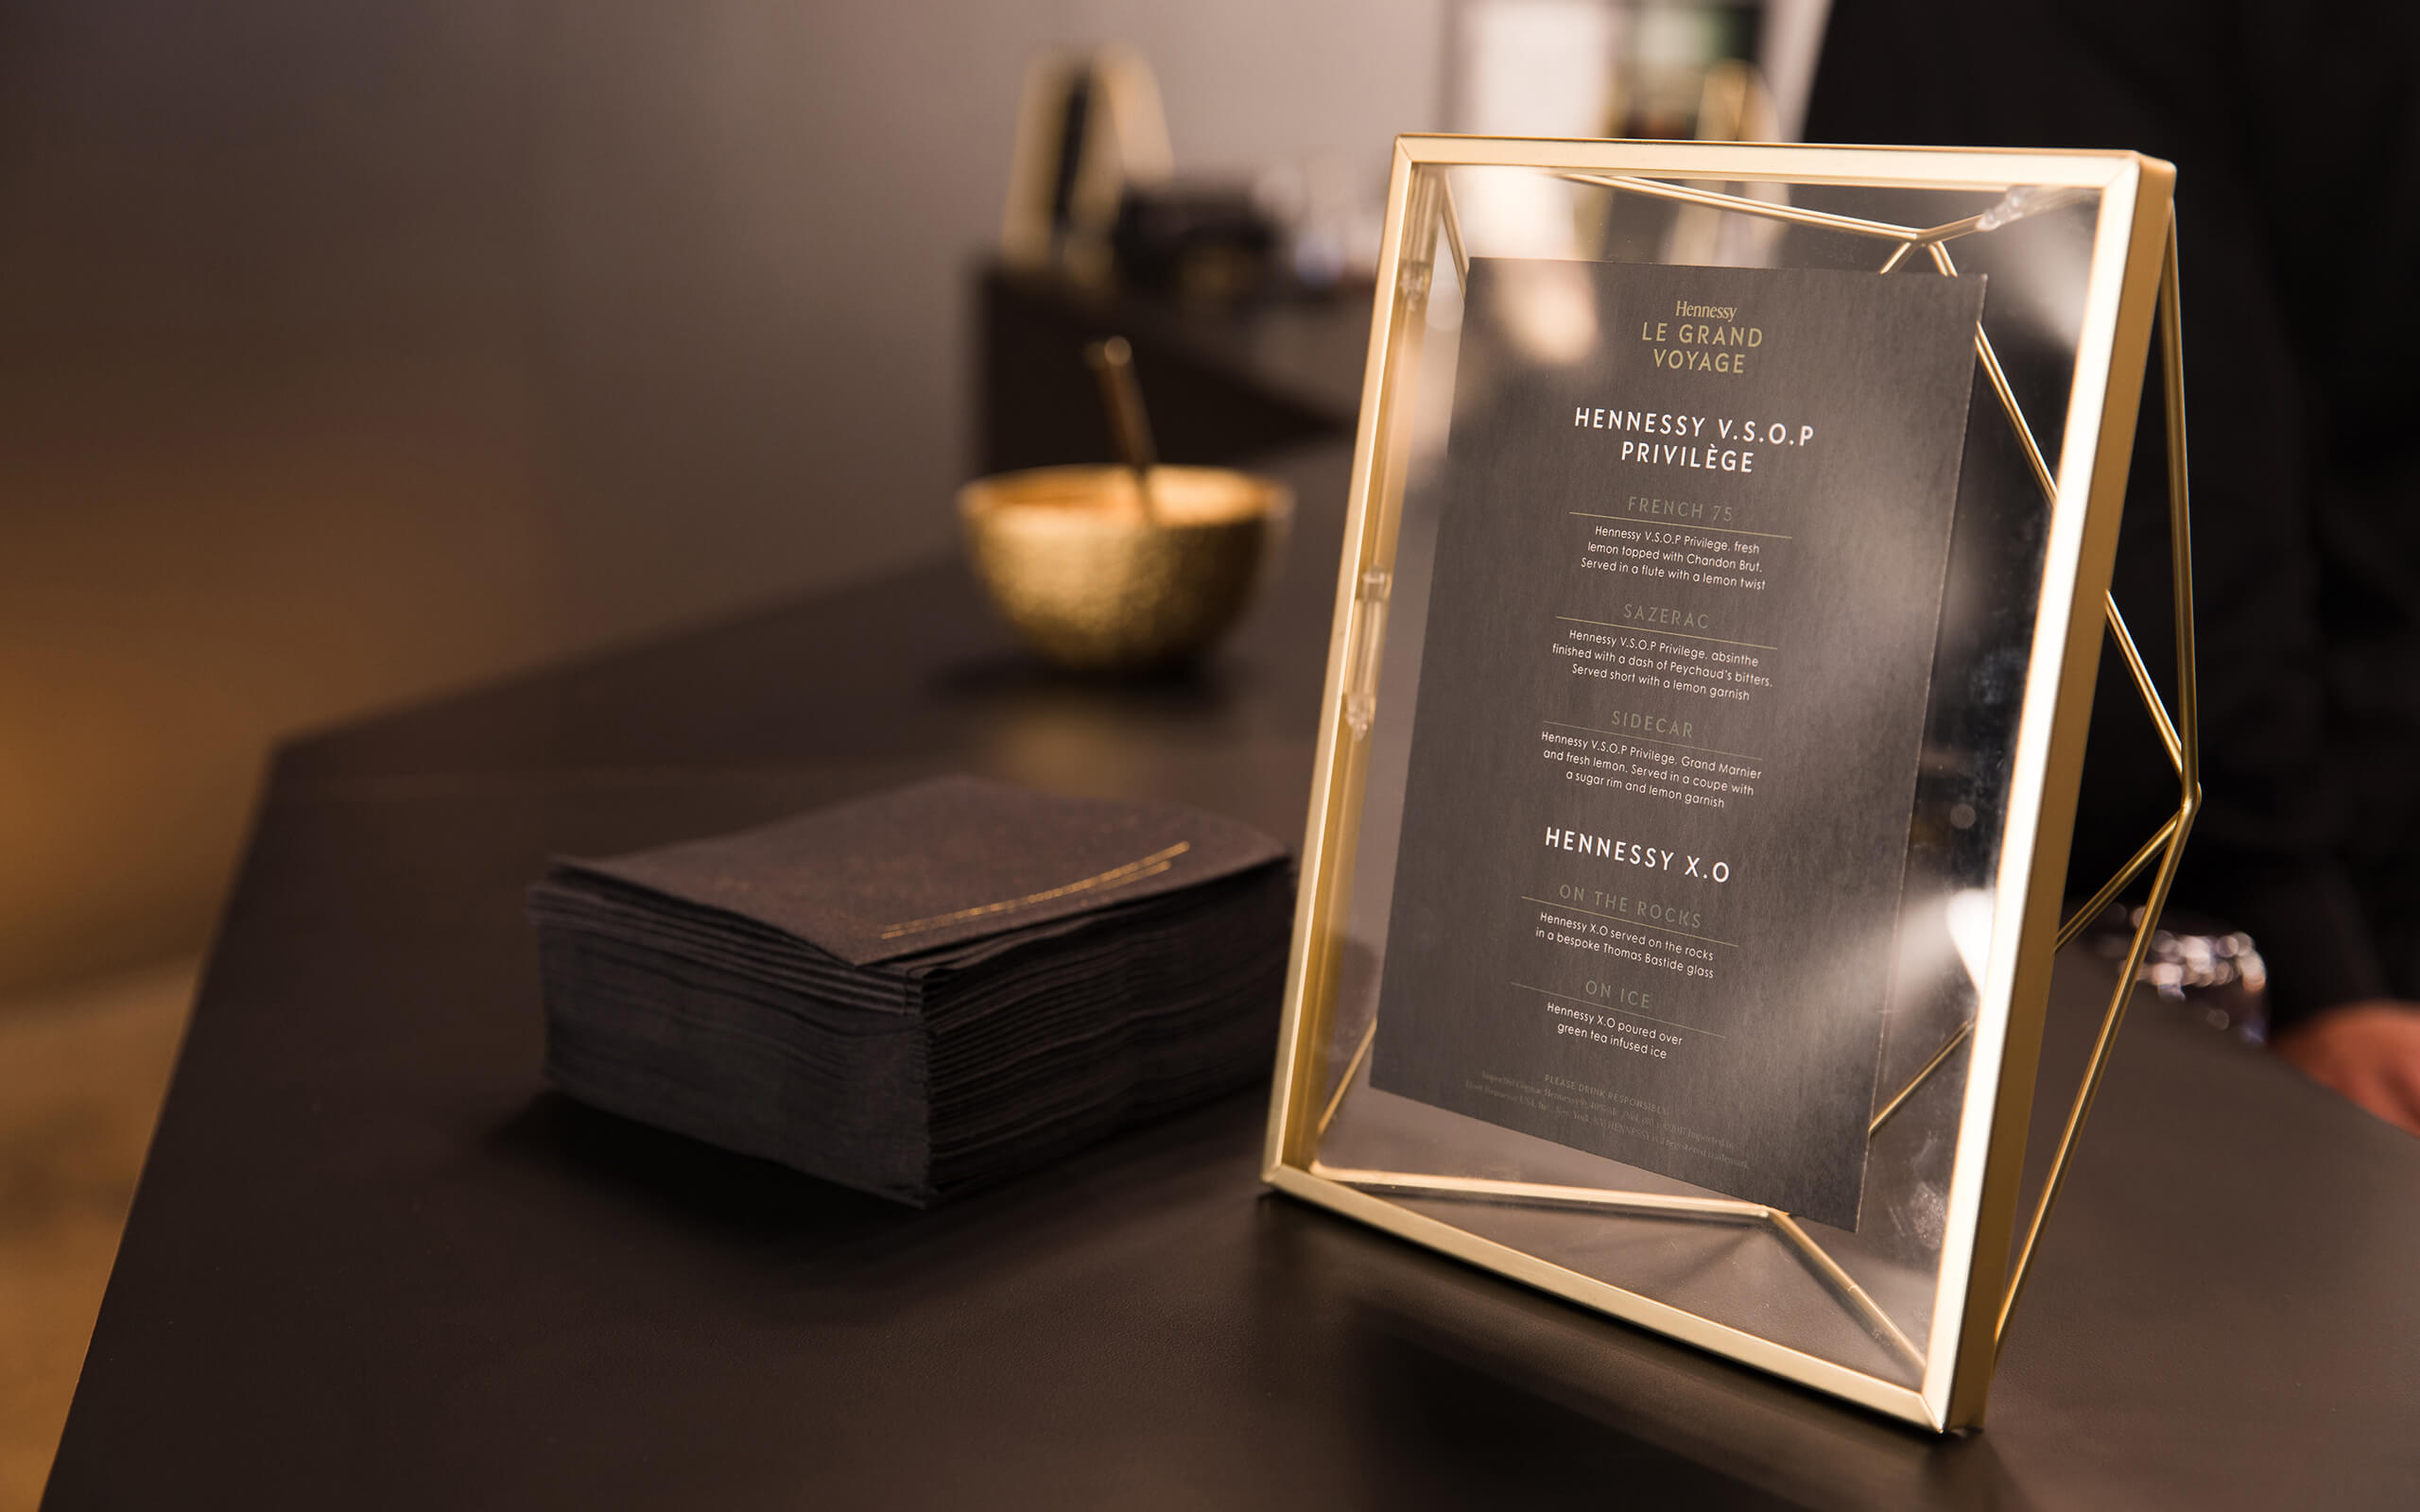 Le Grande Voyage Hennessy menu